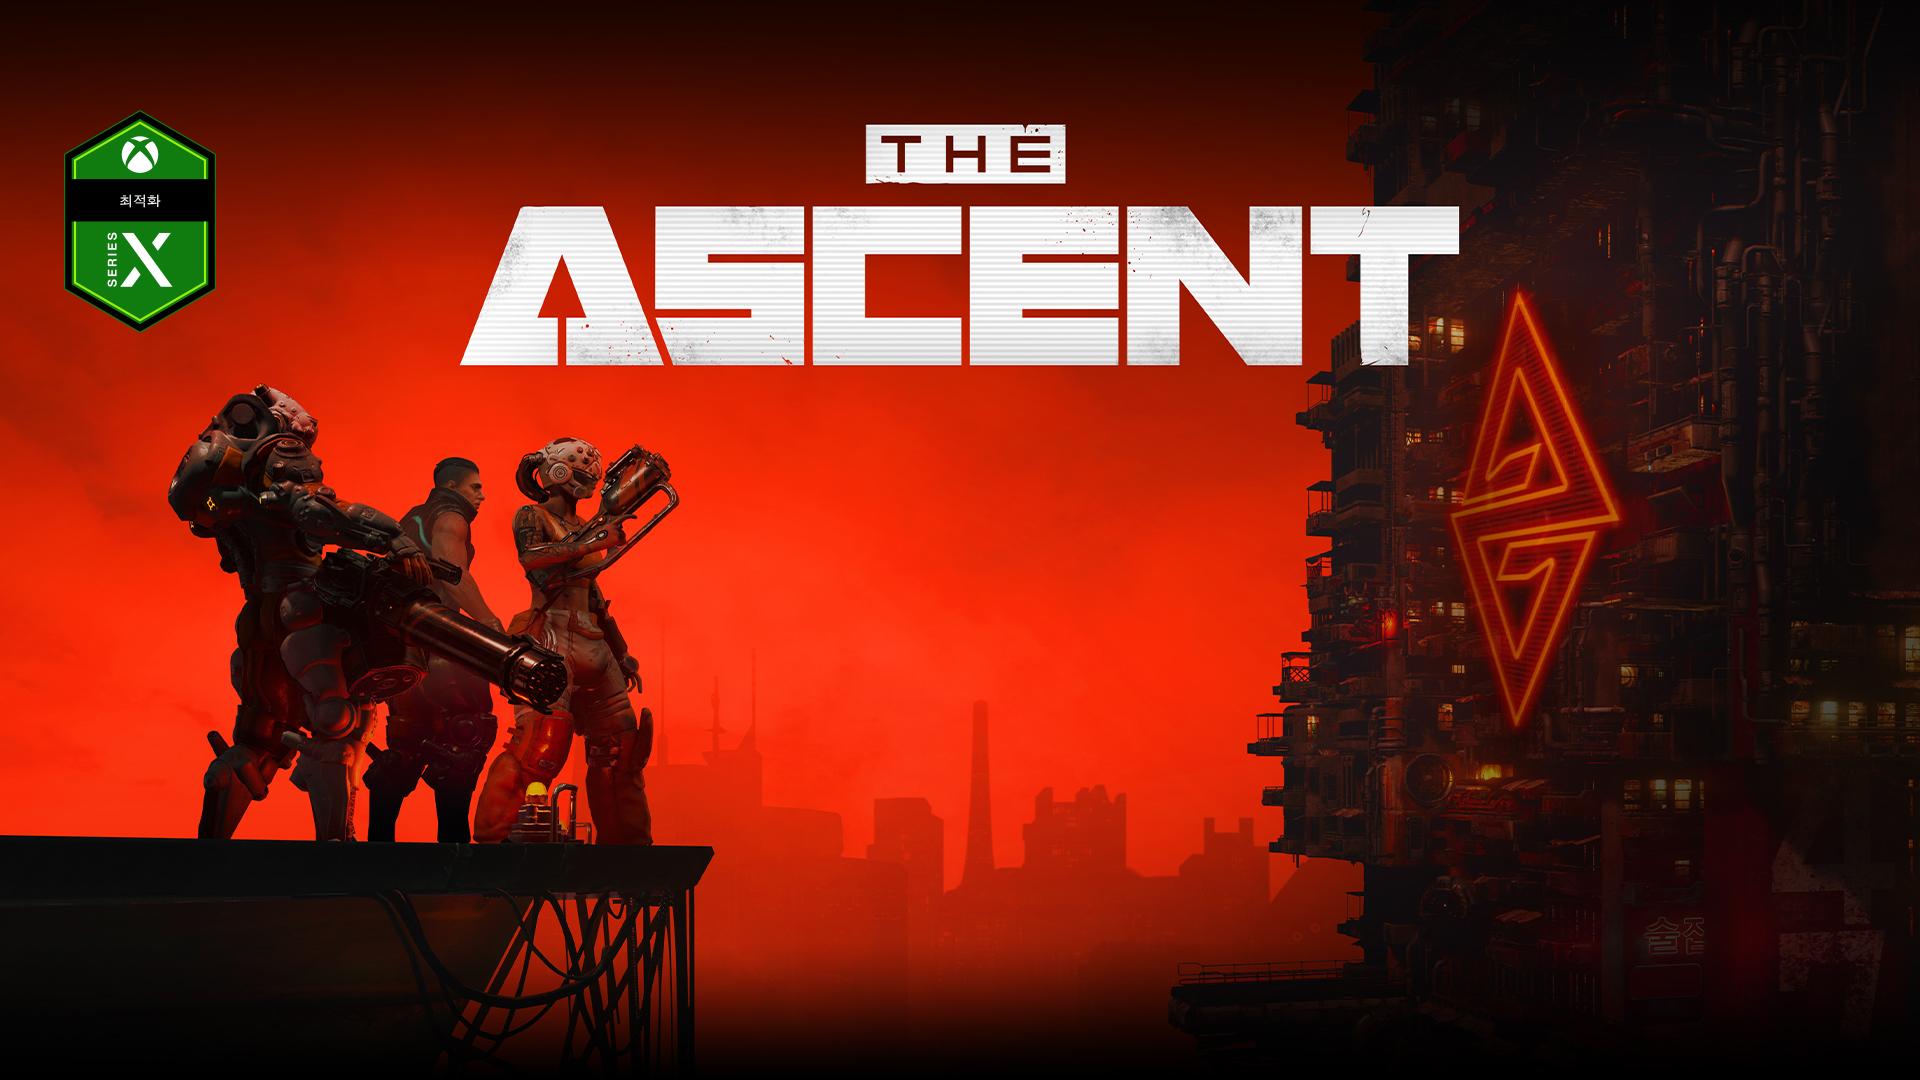 Xbox Series X에 최적화된 The Ascent, 대형 사이버 펑크 스타일의 공업 건물이 내려다 보이는 플랫폼에 서 있는 3명의 캐릭터